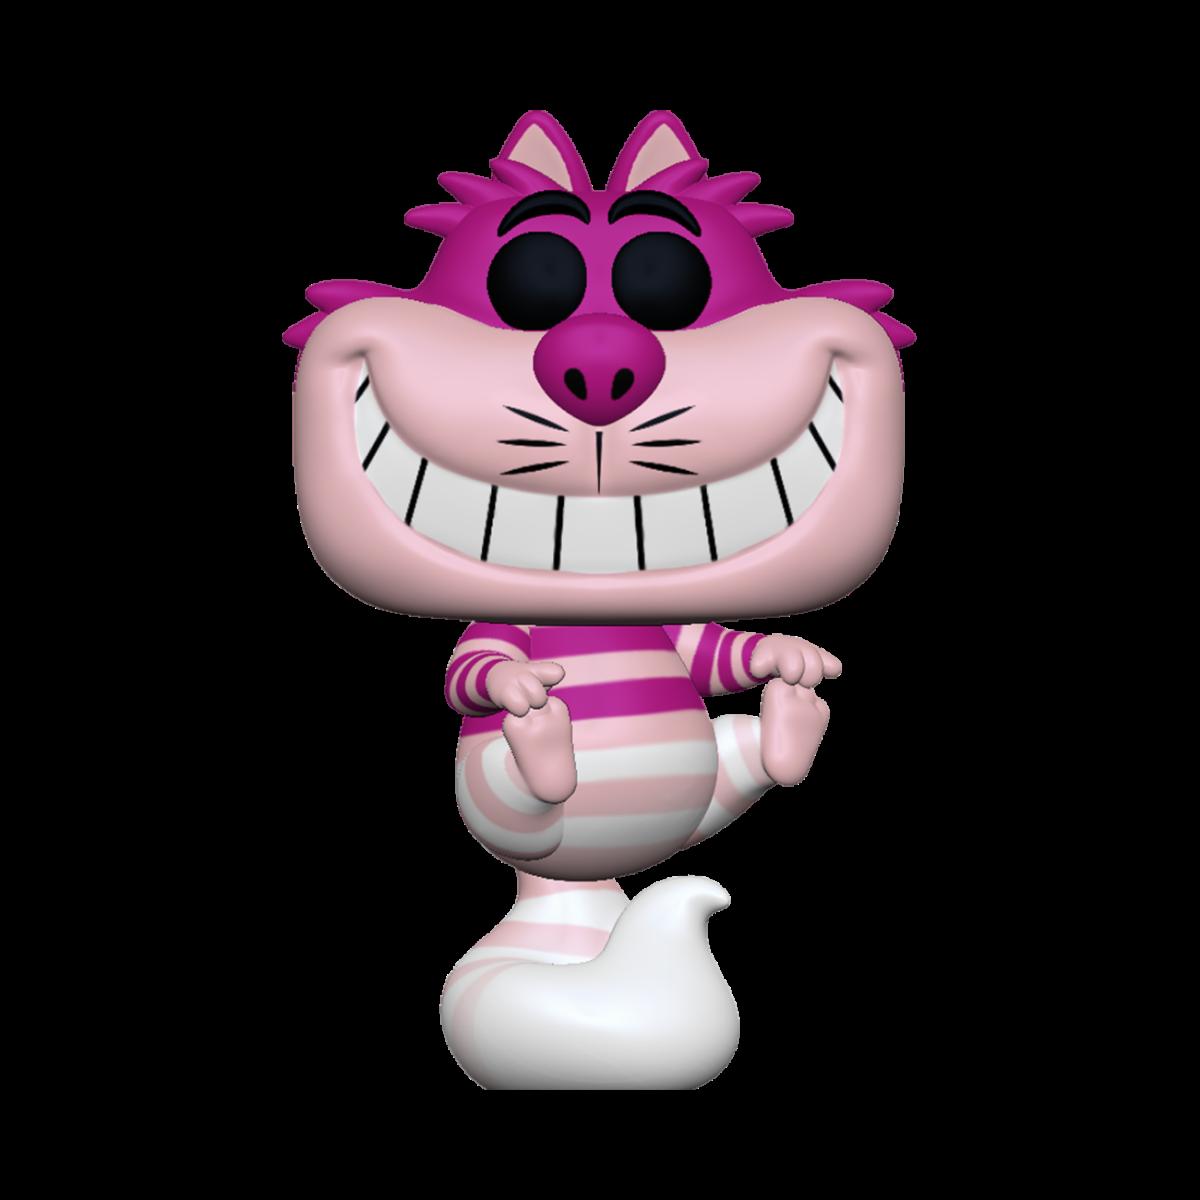 Pré-commande! Alice au pays des merveilles - Bobble Head Funko Pop : Cheshire Cat